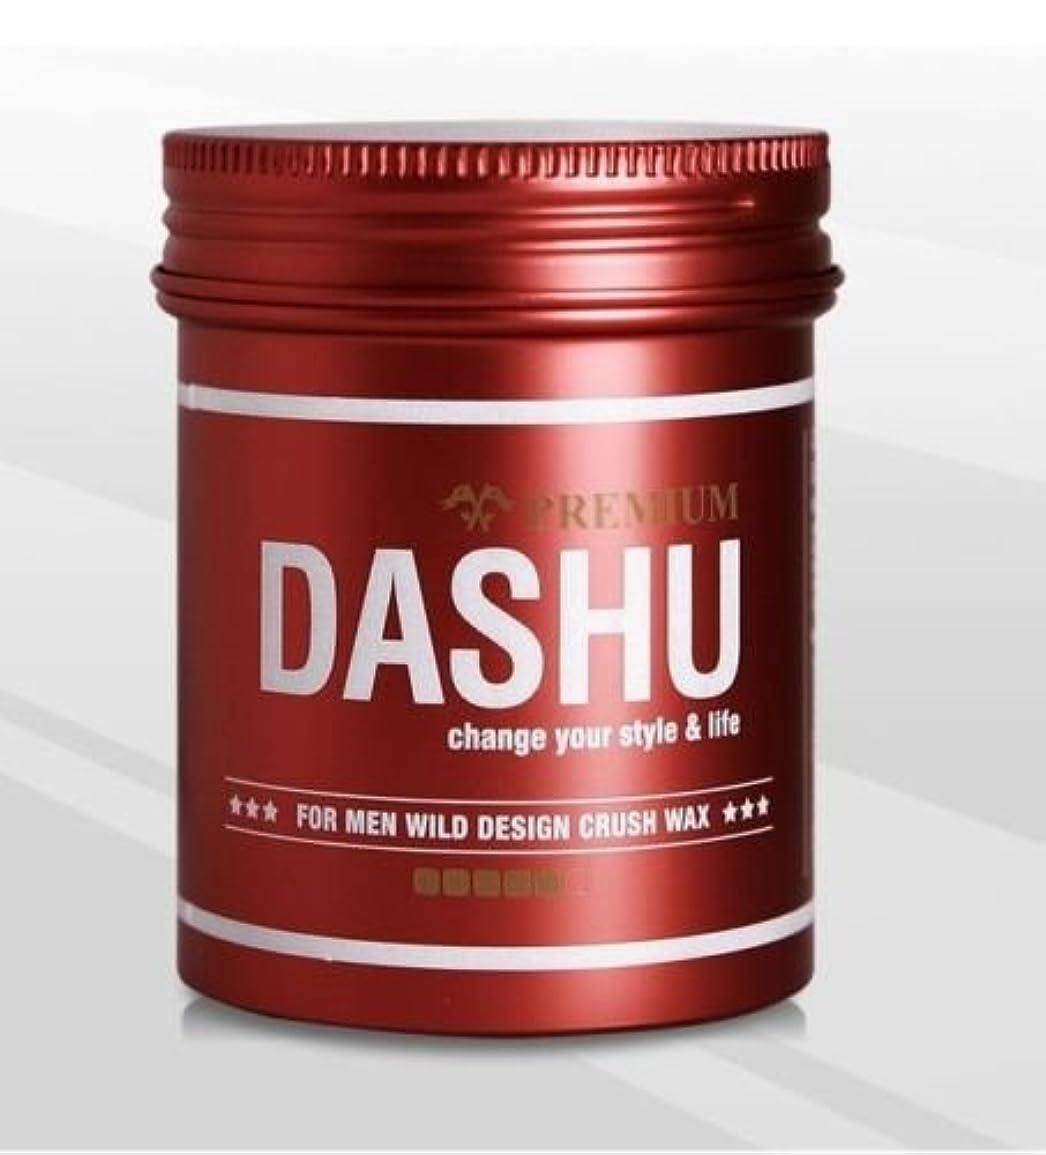 明らかにブロッサム実現可能[DASHU] ダシュ For Men男性用 プレミアムワイルドデザインクラッシュワックス Premium Wild Design Crush Hair Wax 100ml / 韓国製 . 韓国直送品